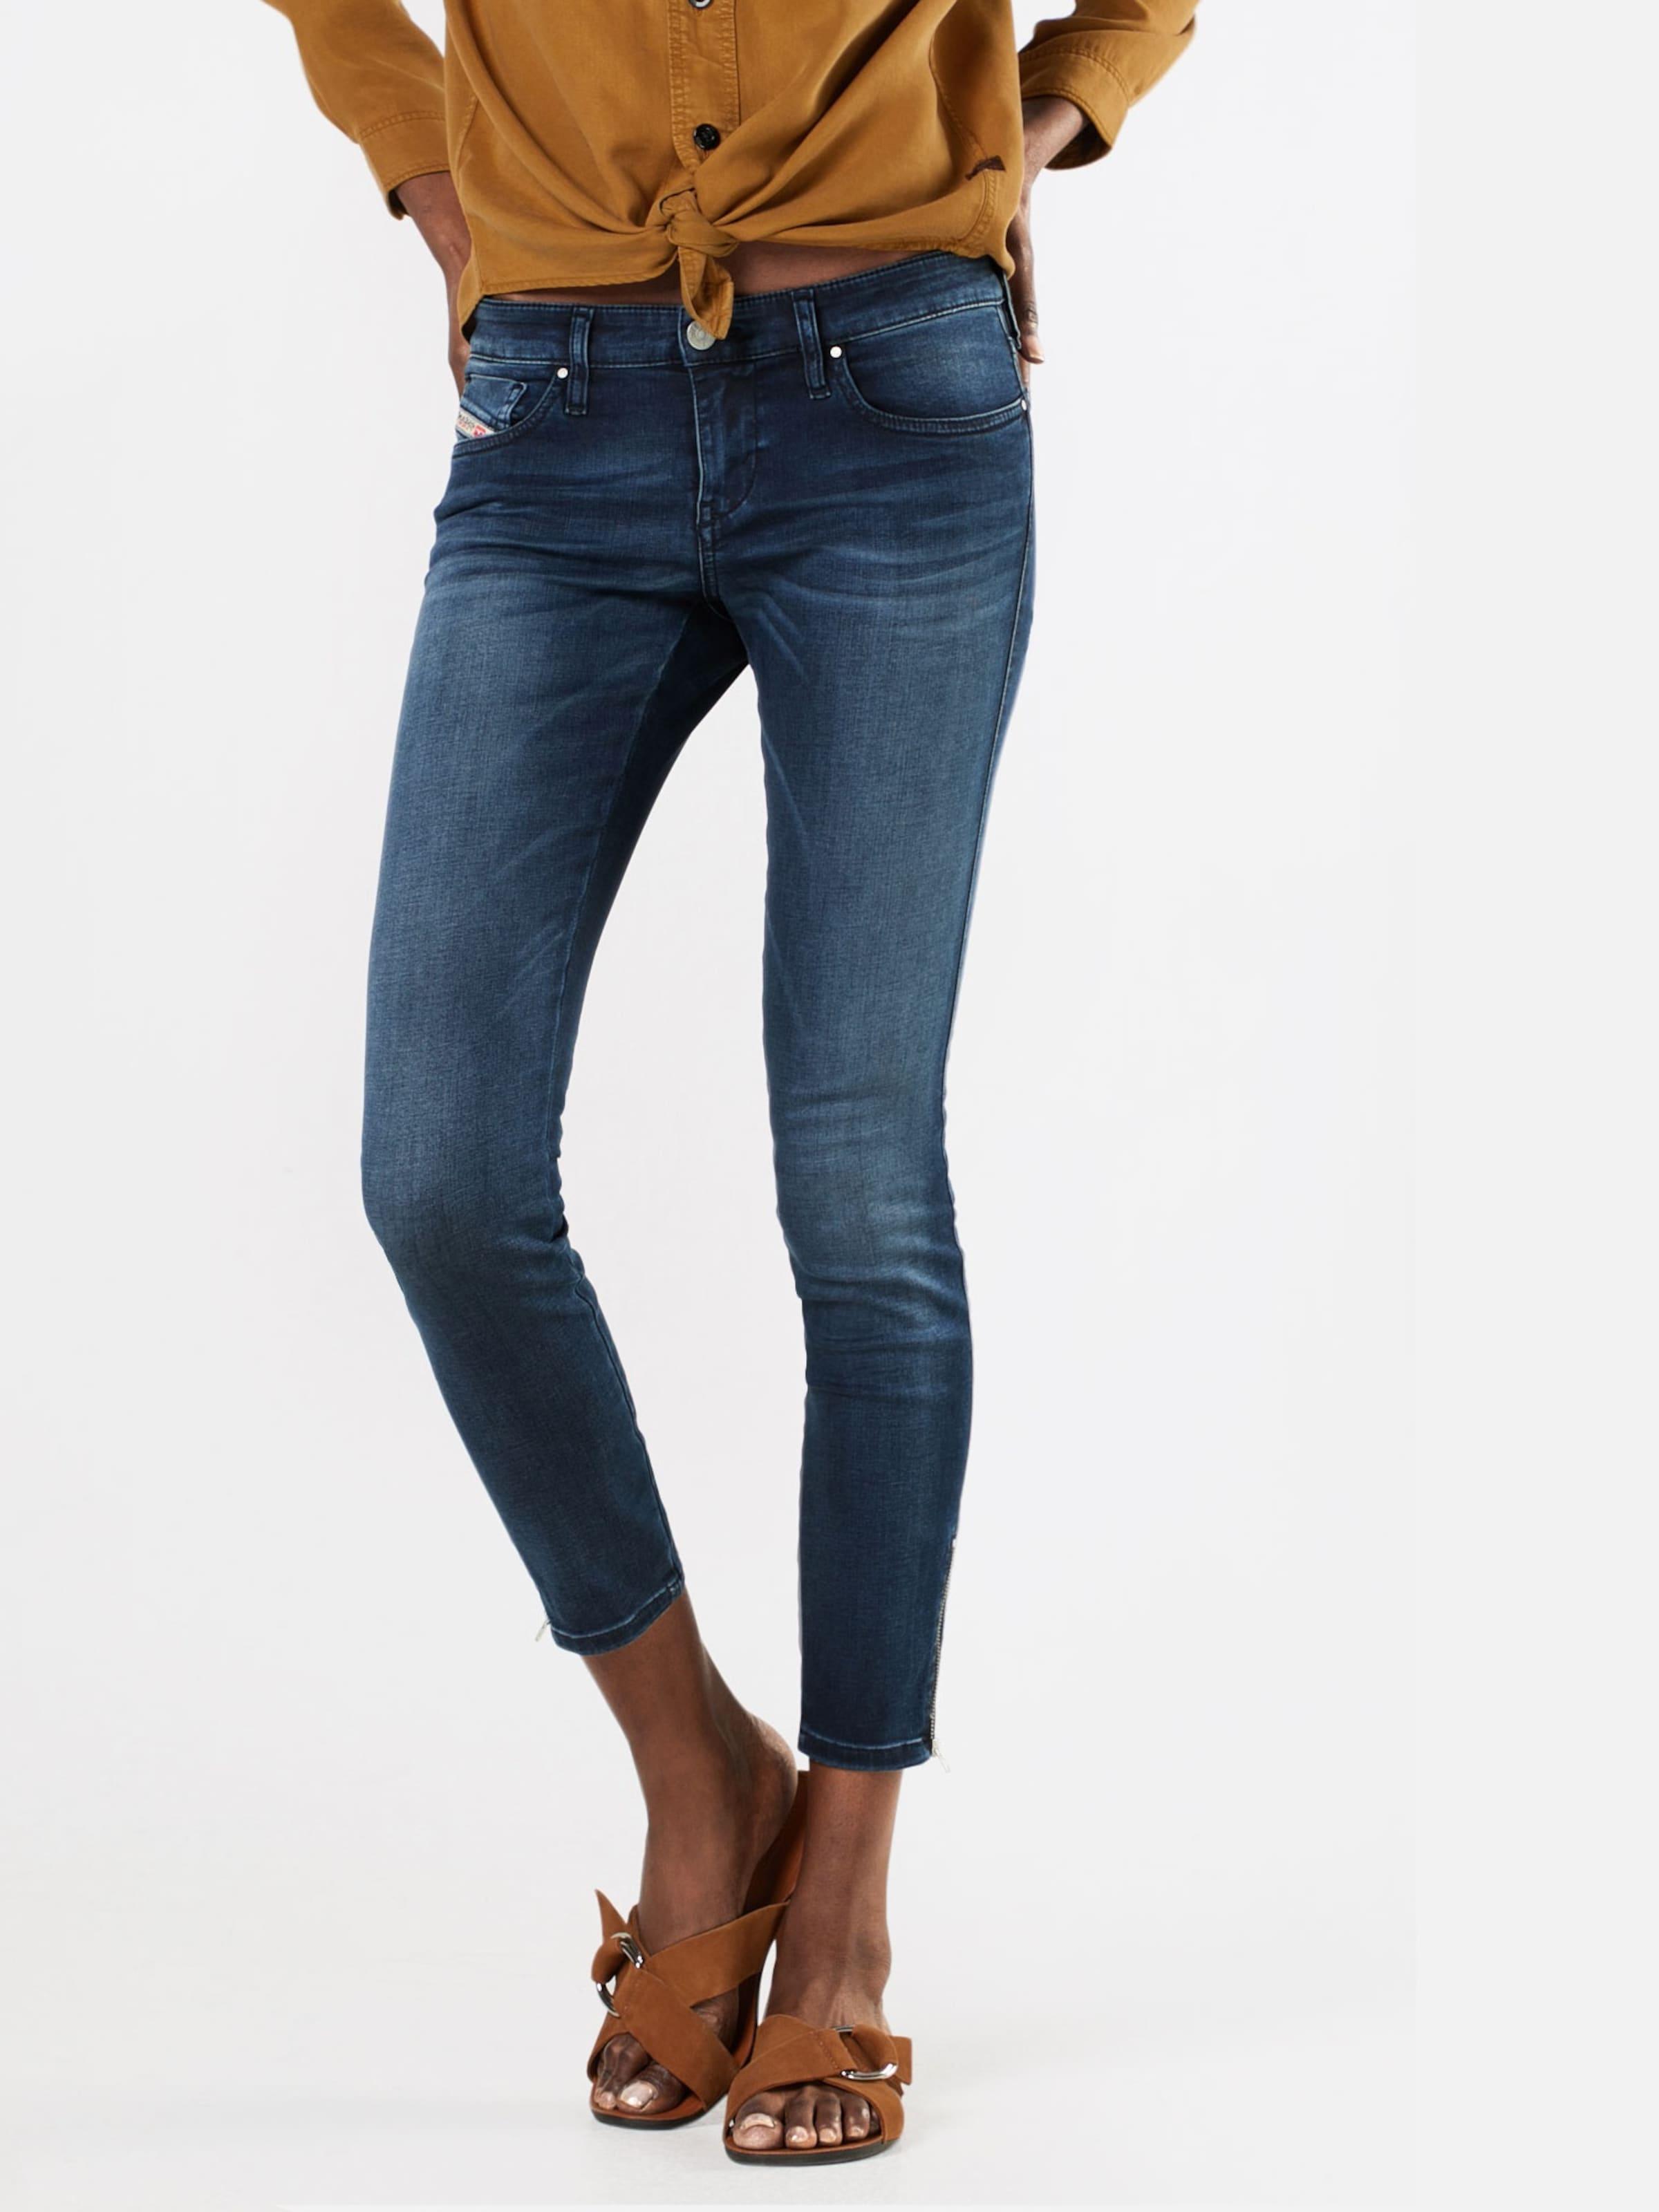 DIESEL 'Skinzee-Low-Zip' Jeans Slimfit 856G Billig Besten Sie Günstig Online Authentisch Steckdose Vorbestellung Neuankömmling Zu Verkaufen Billig Authentisch 0wE3lc8X1